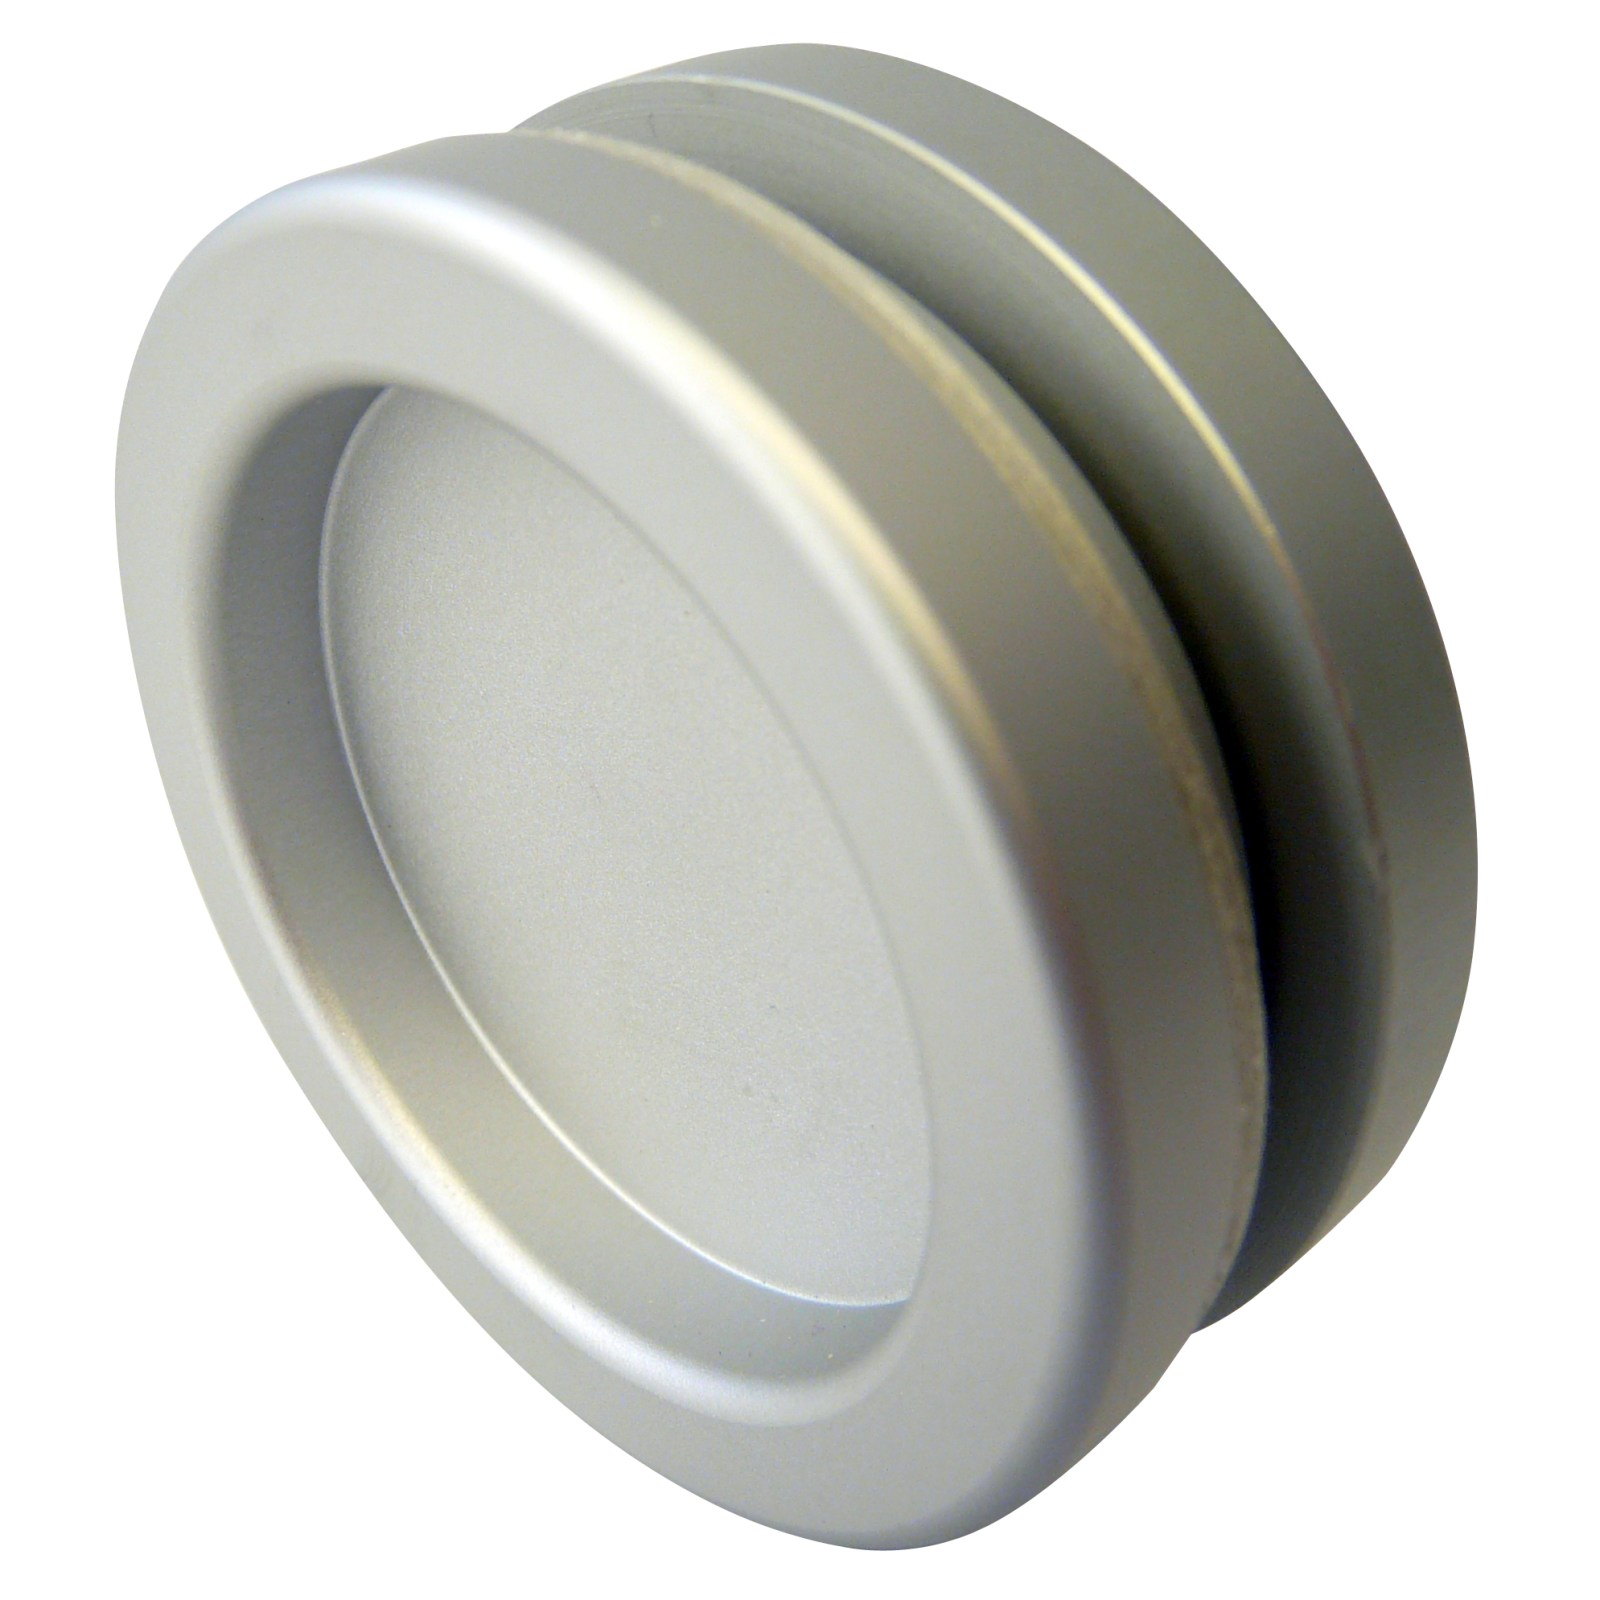 griffmuschel ch 203 aluminium rund f r glasschiebet r ebay. Black Bedroom Furniture Sets. Home Design Ideas